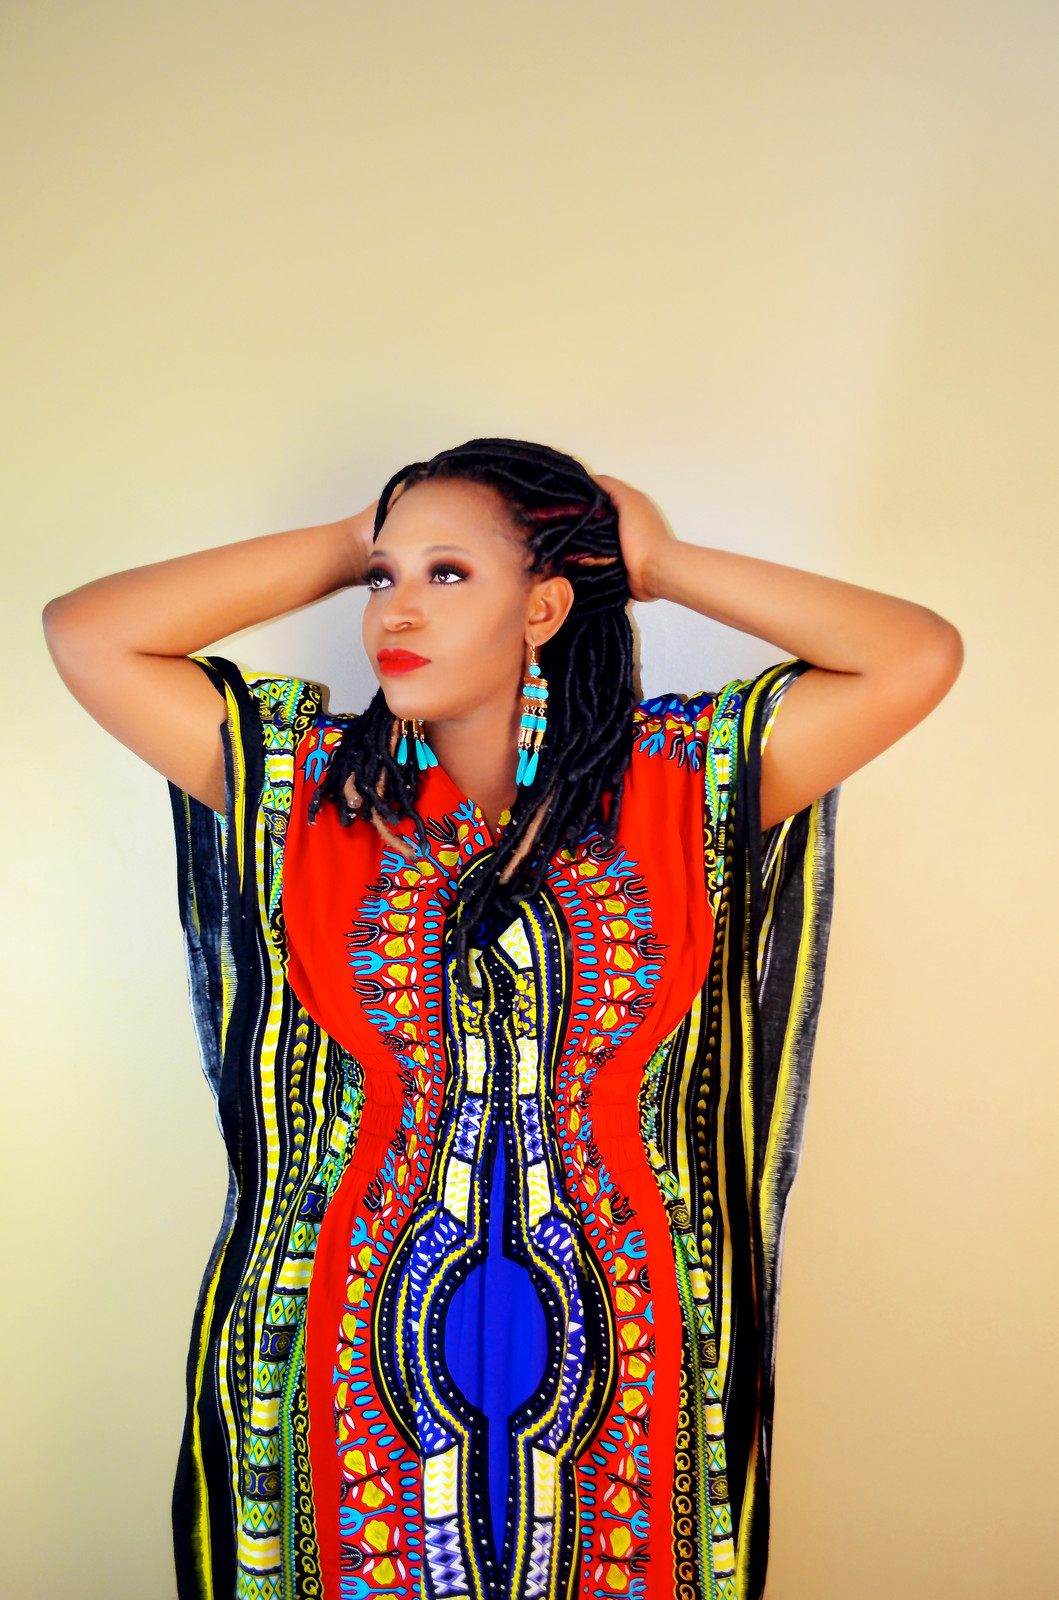 Myra Maimoh - Media